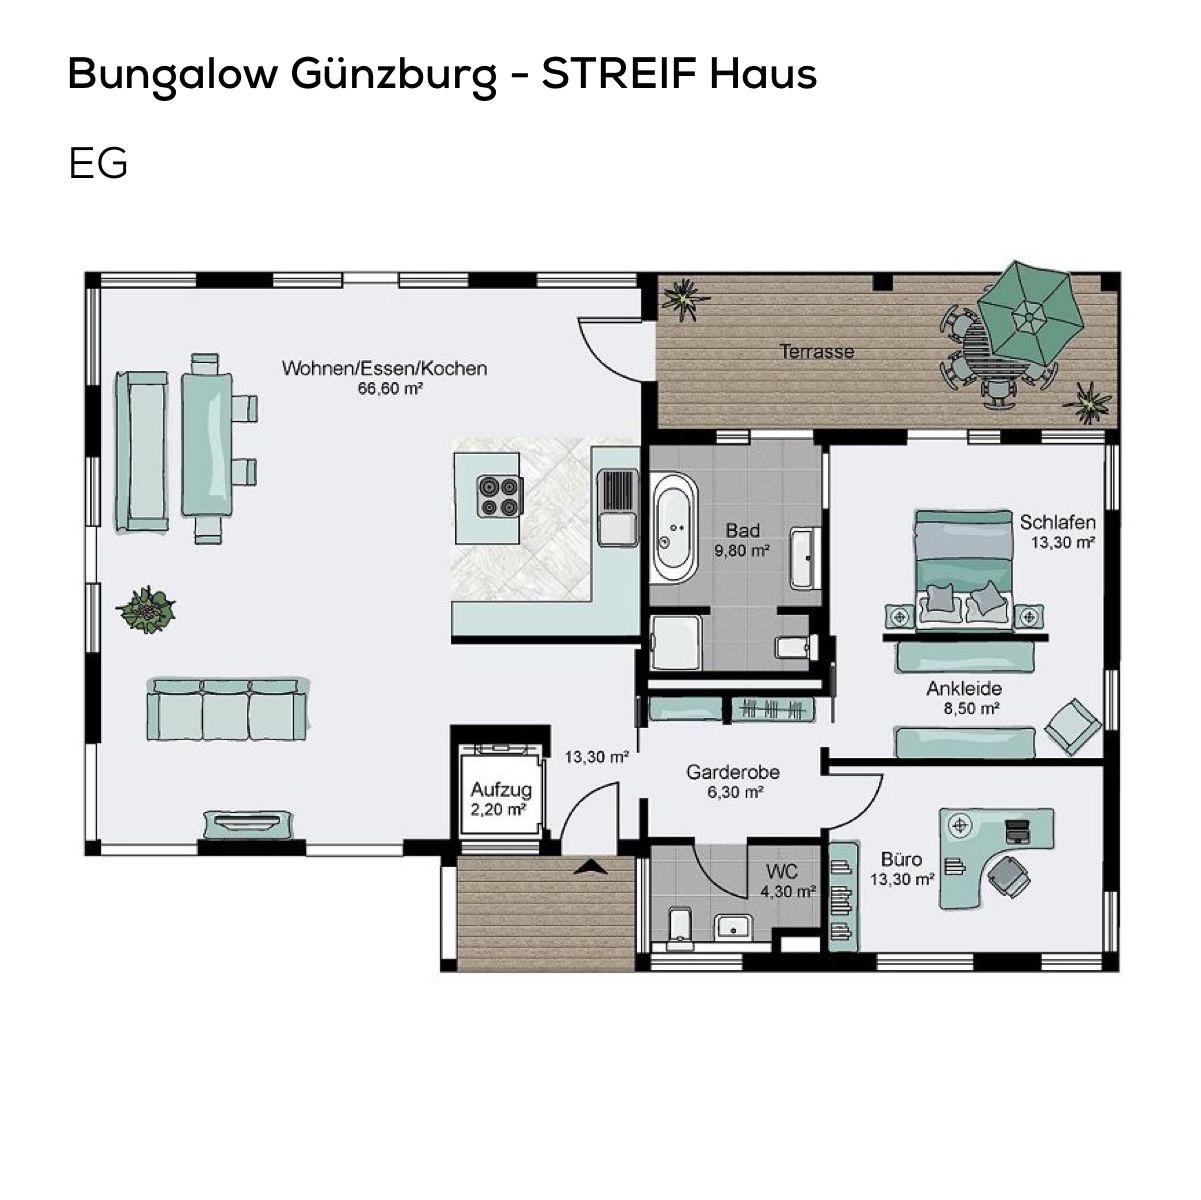 Grundriss Bungalow Haus barrierefrei mit Flachdach